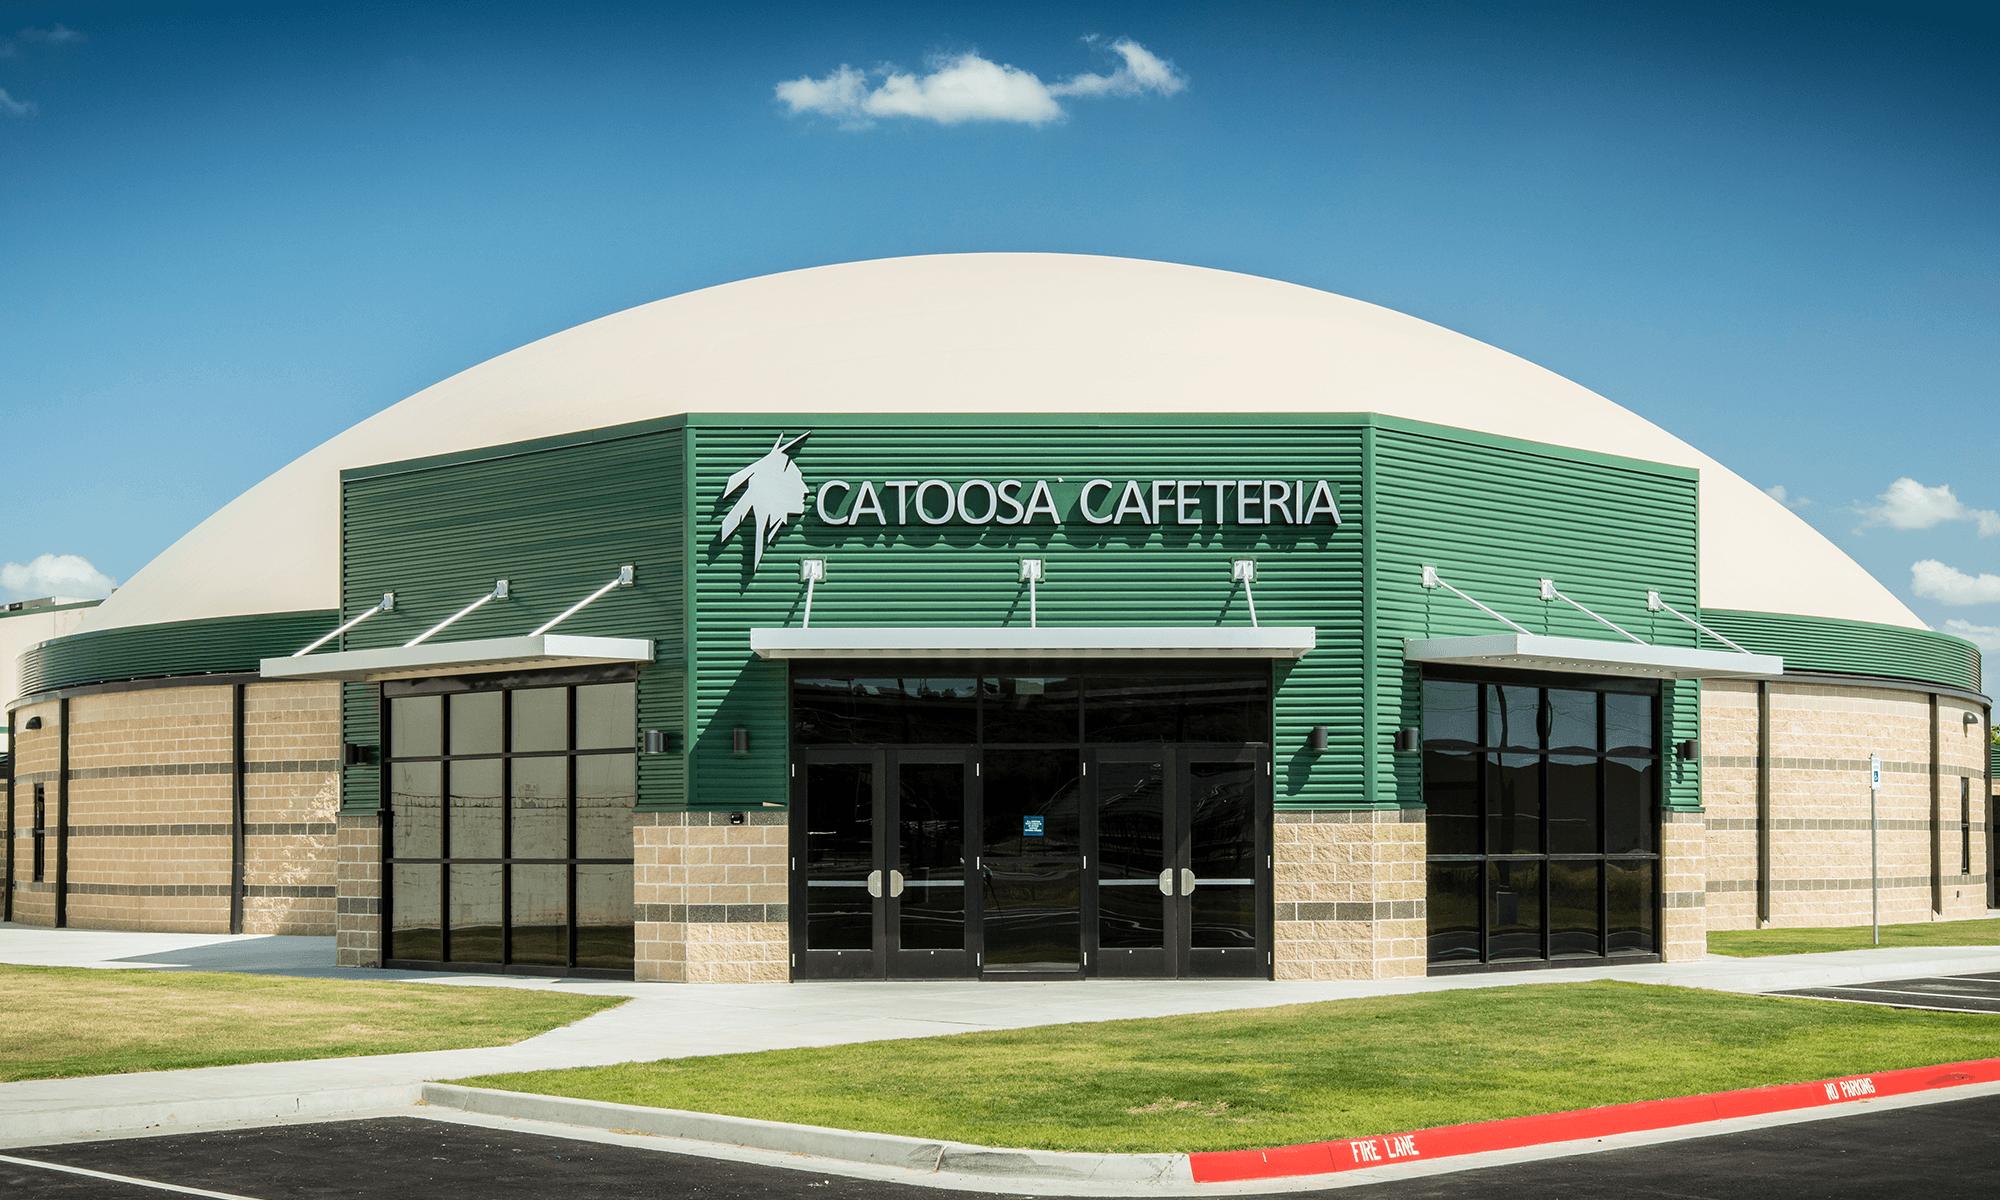 Photo of Catoosa Cafeteria Dome Exterior